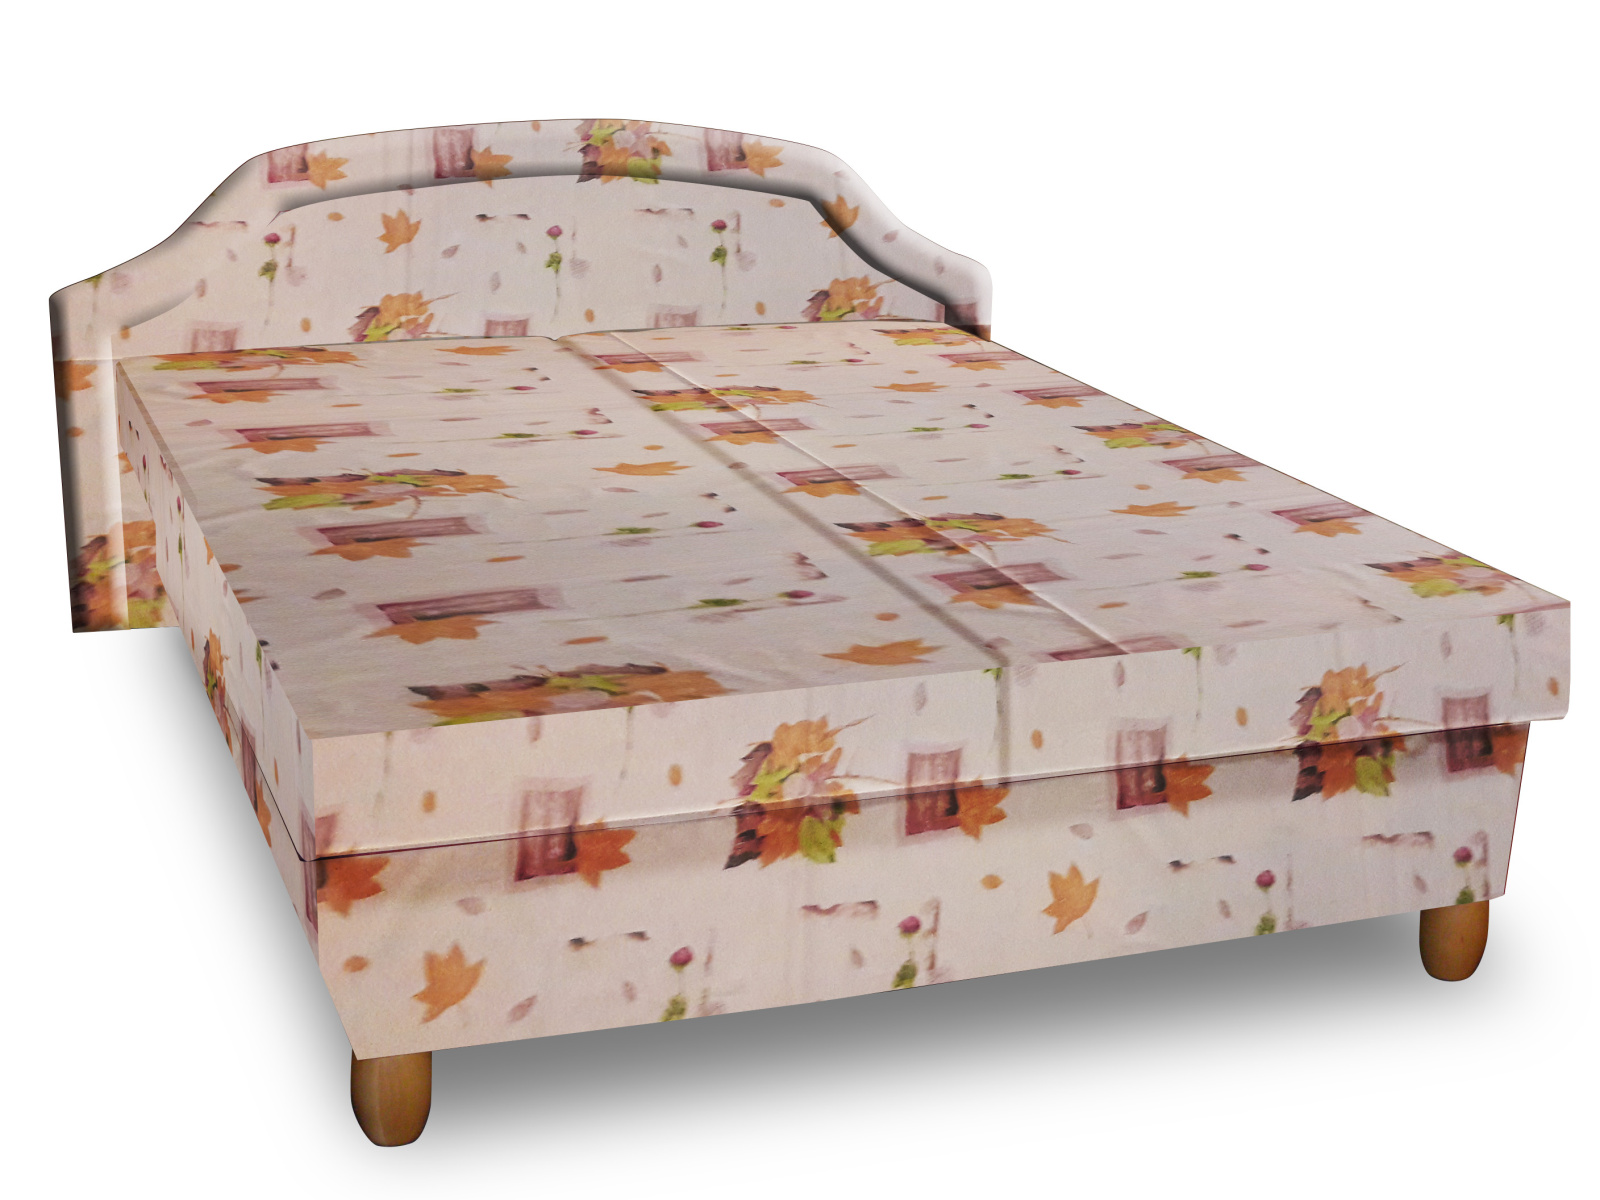 Smartshop Čalouněná postel KARINA 120x200 cm, béžová látka